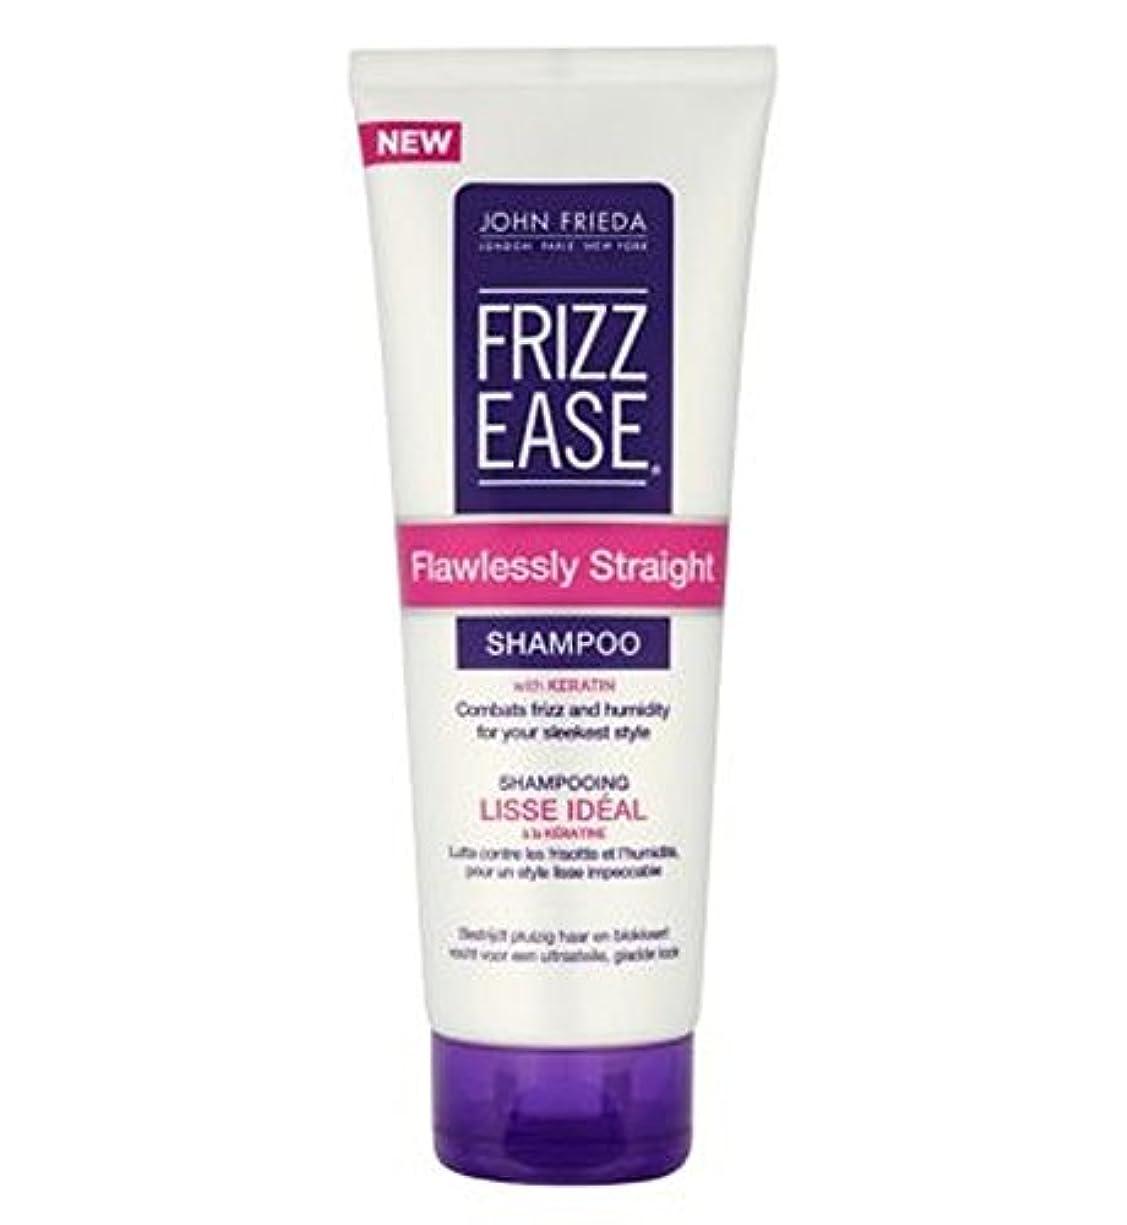 販売計画面白いピアニストJohn Frieda Frizz-Ease Flawlessly Straight Shampoo with Keratin 250ml - ケラチン250ミリリットルとジョン?フリーダ縮れ-容易完璧にストレートシャンプー (John Frieda) [並行輸入品]